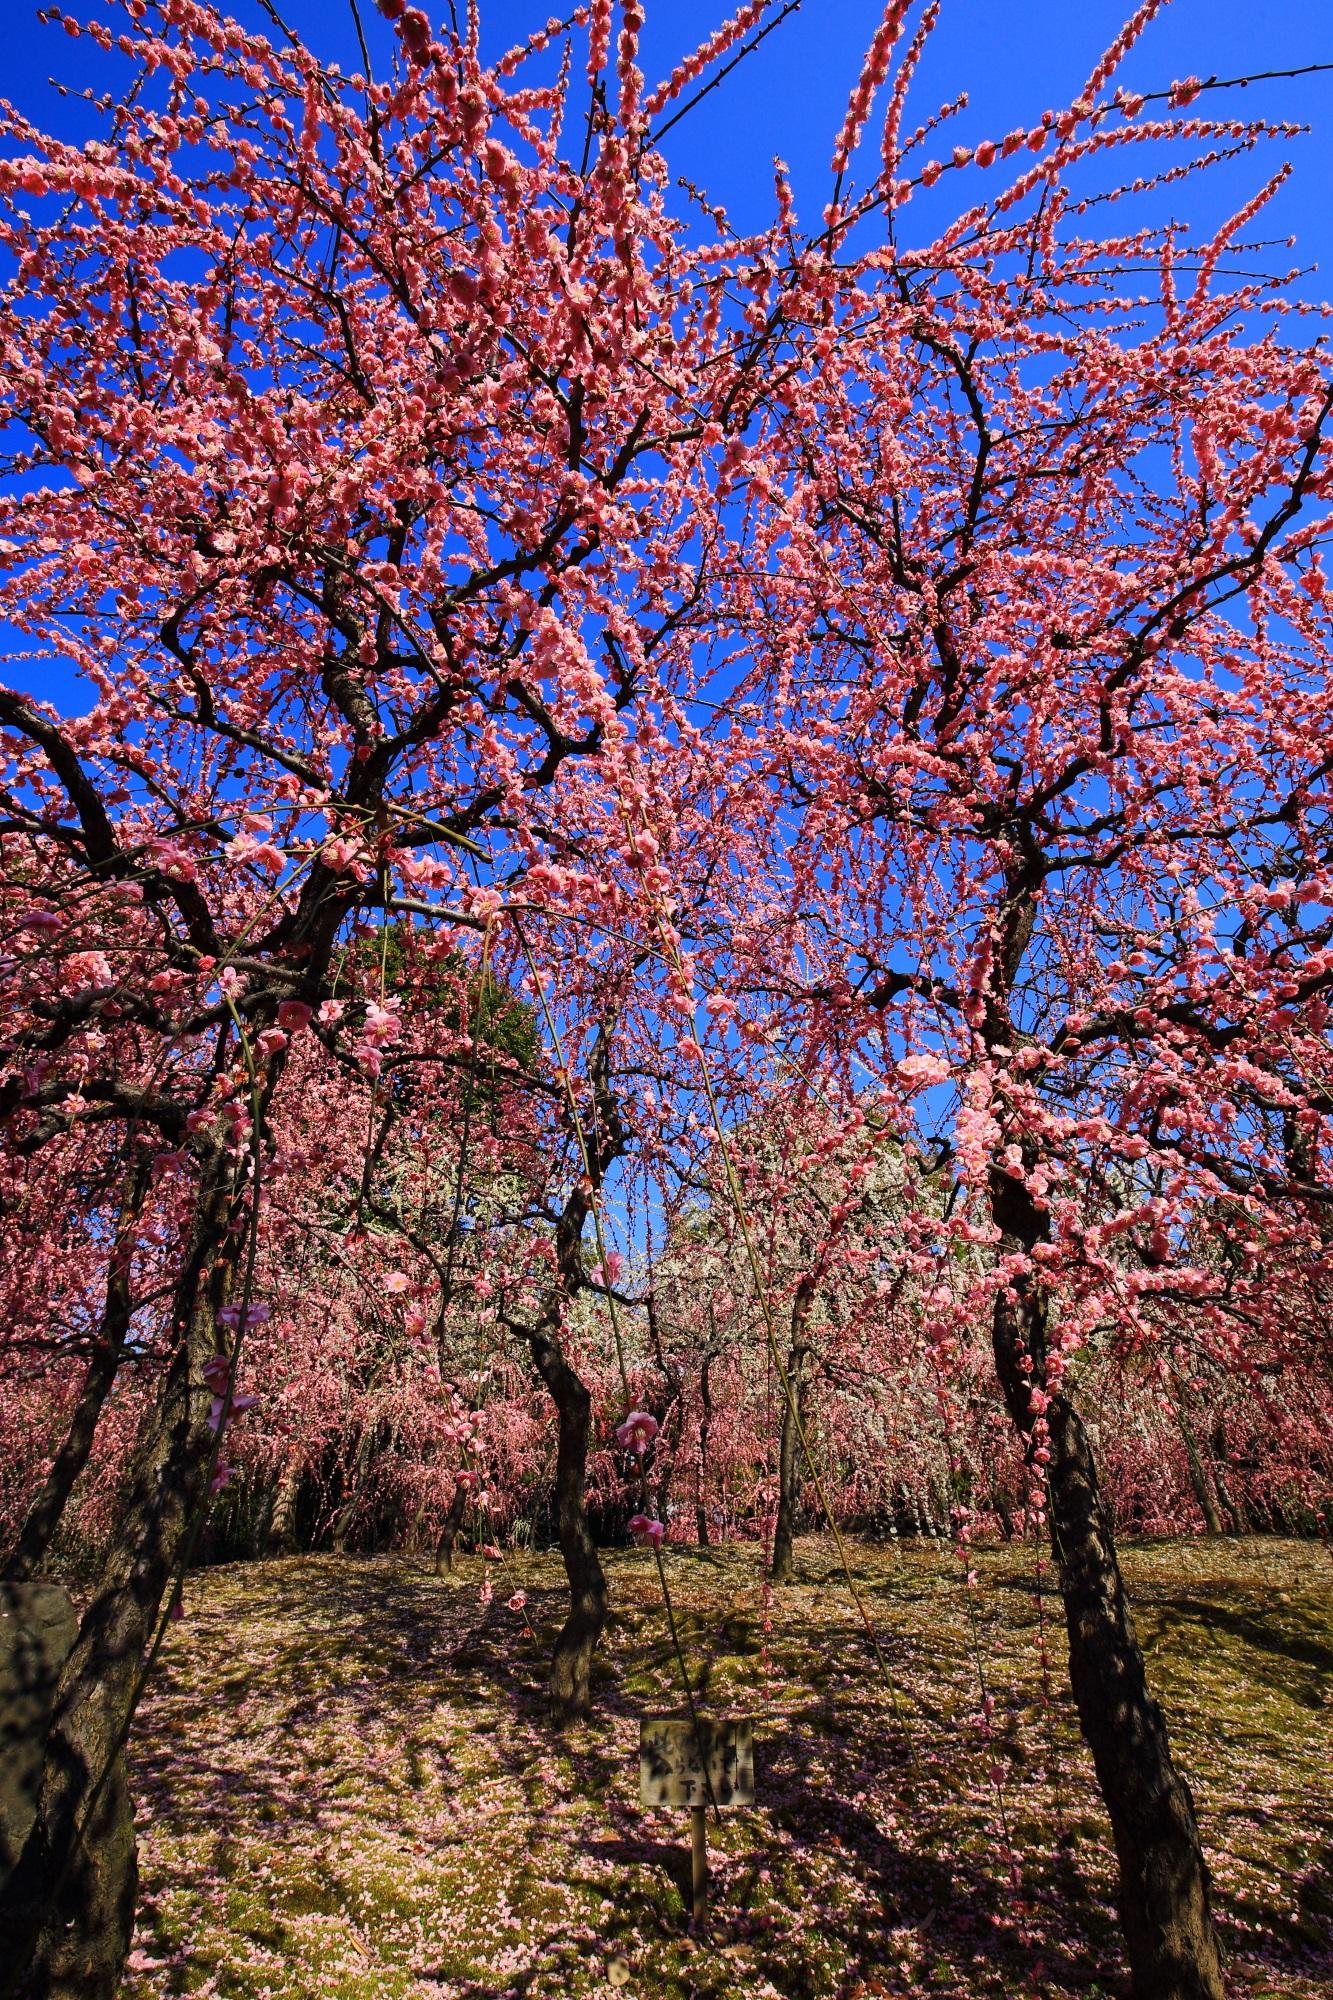 青空に映える圧巻のピンクのしだれ梅